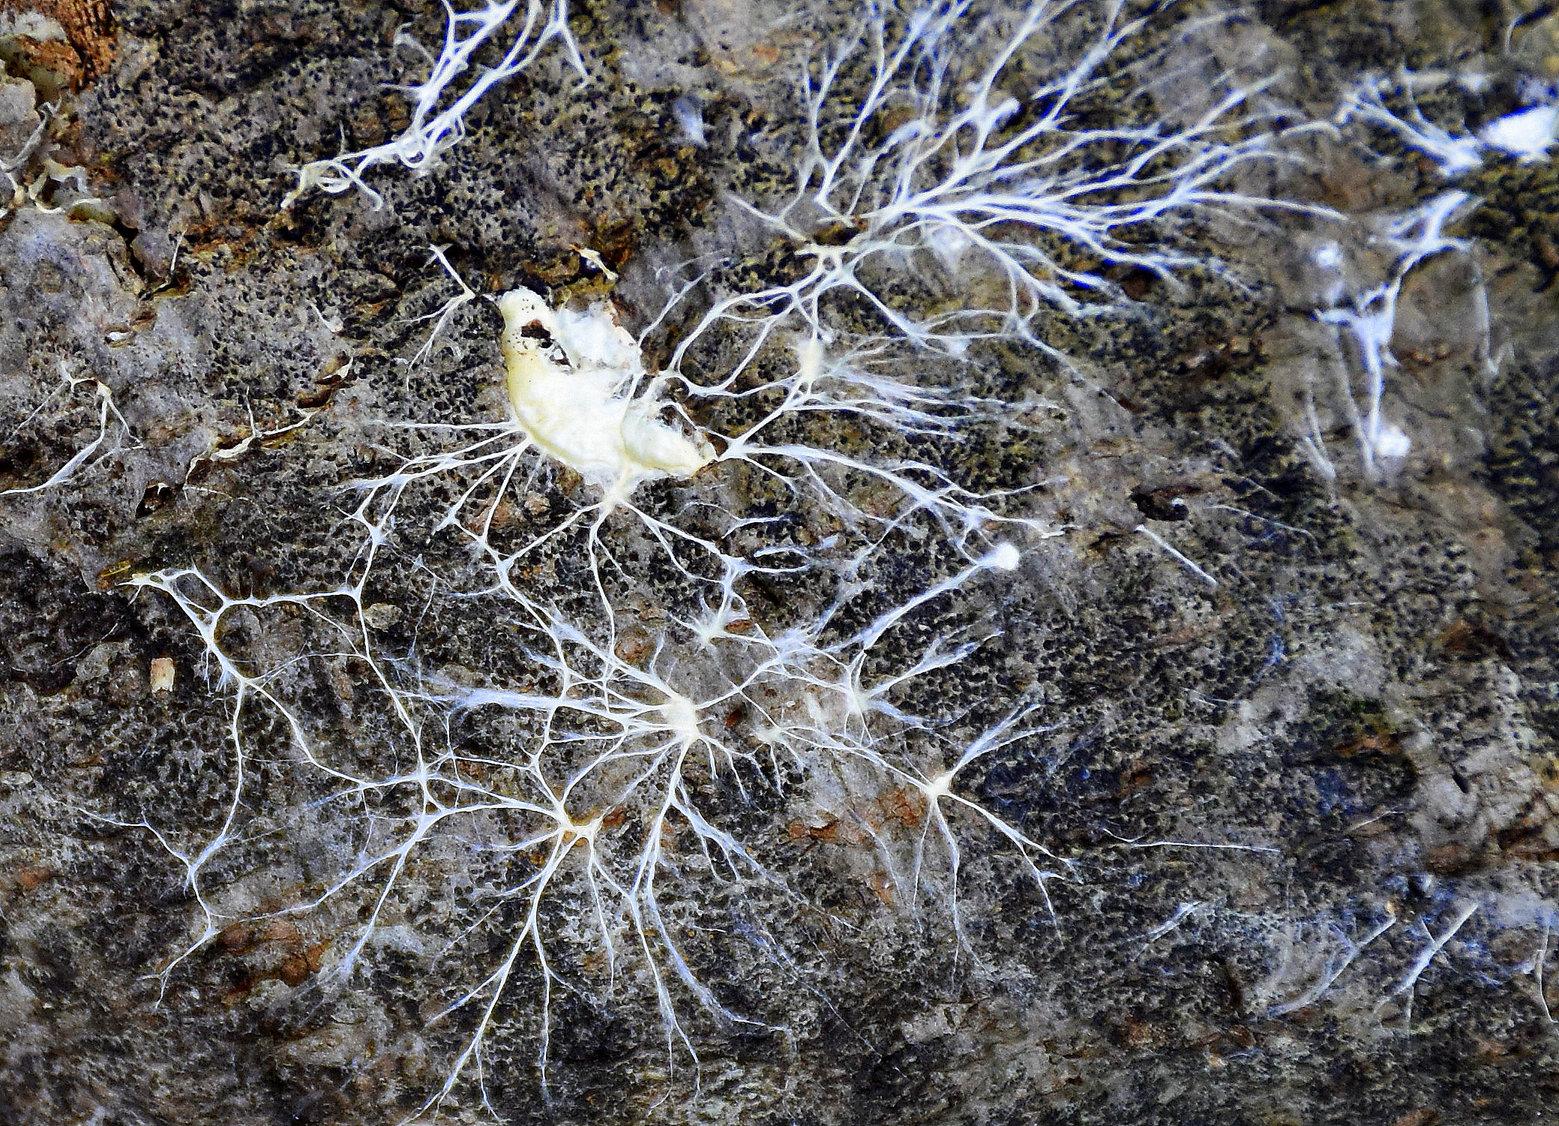 Cvetka Avguštin: Sinapse